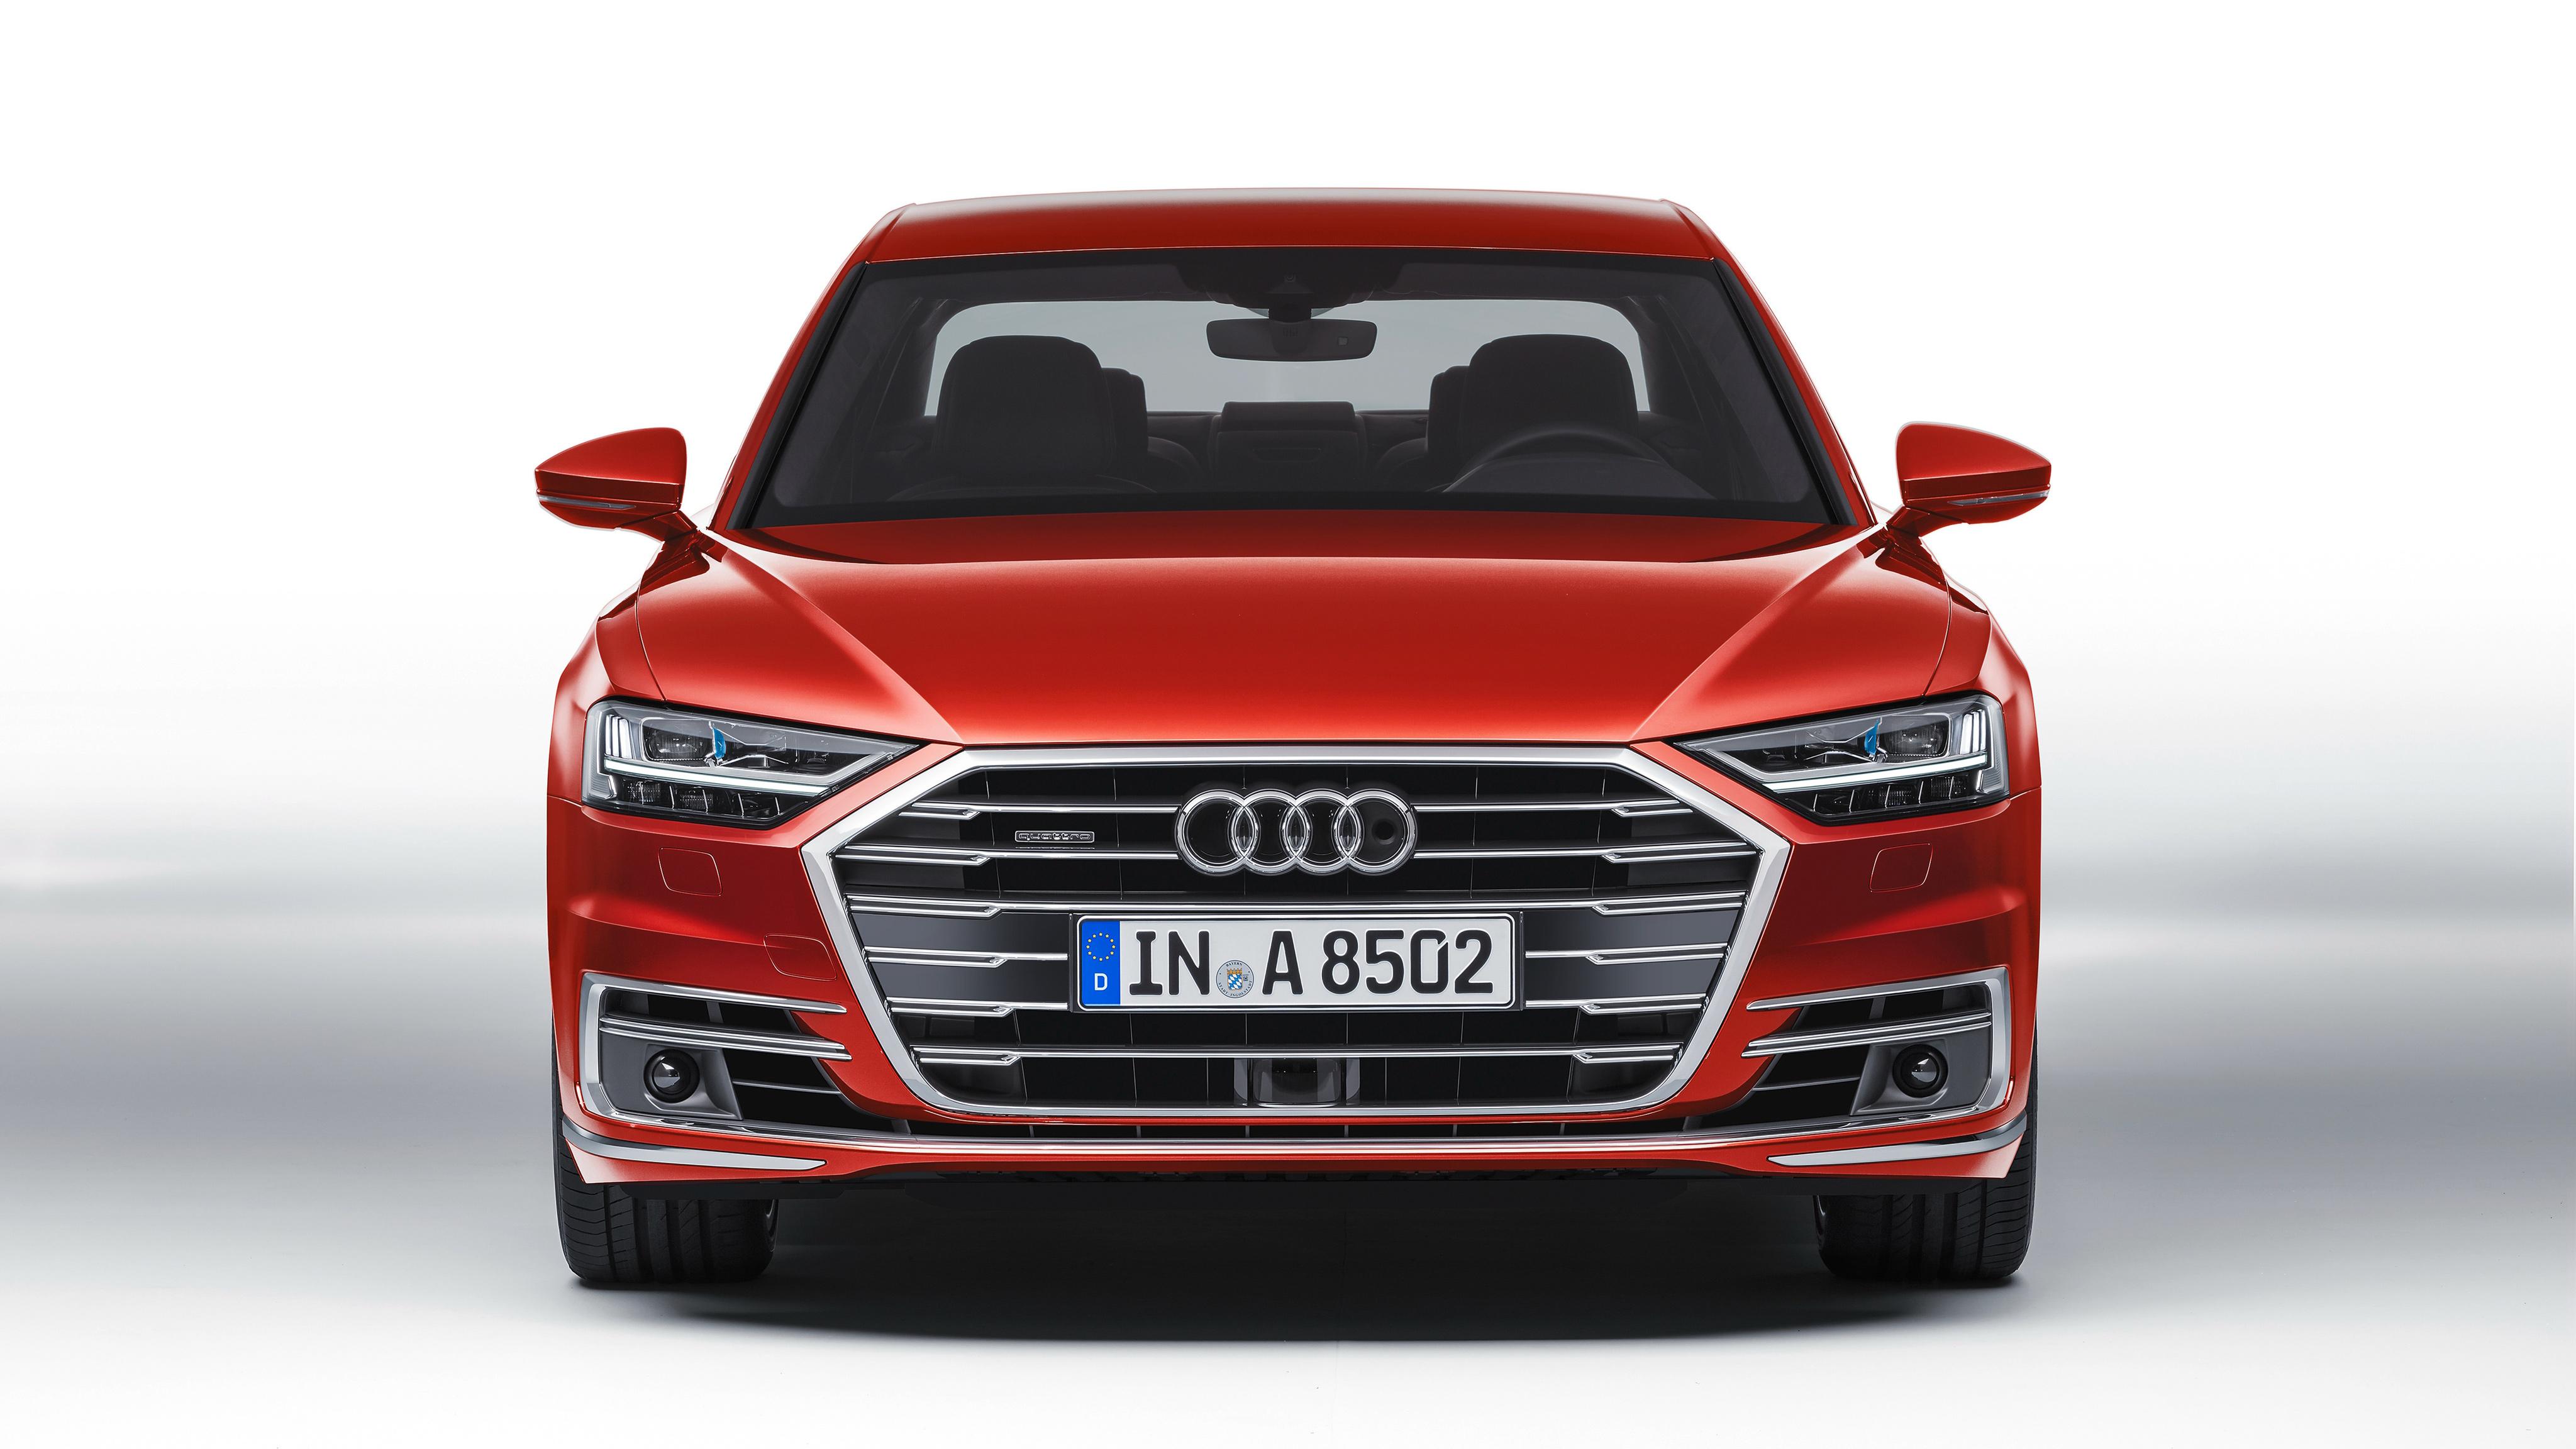 Audi A8 TDI quattro 2017 4K Wallpaper | HD Car Wallpapers | ID #7944